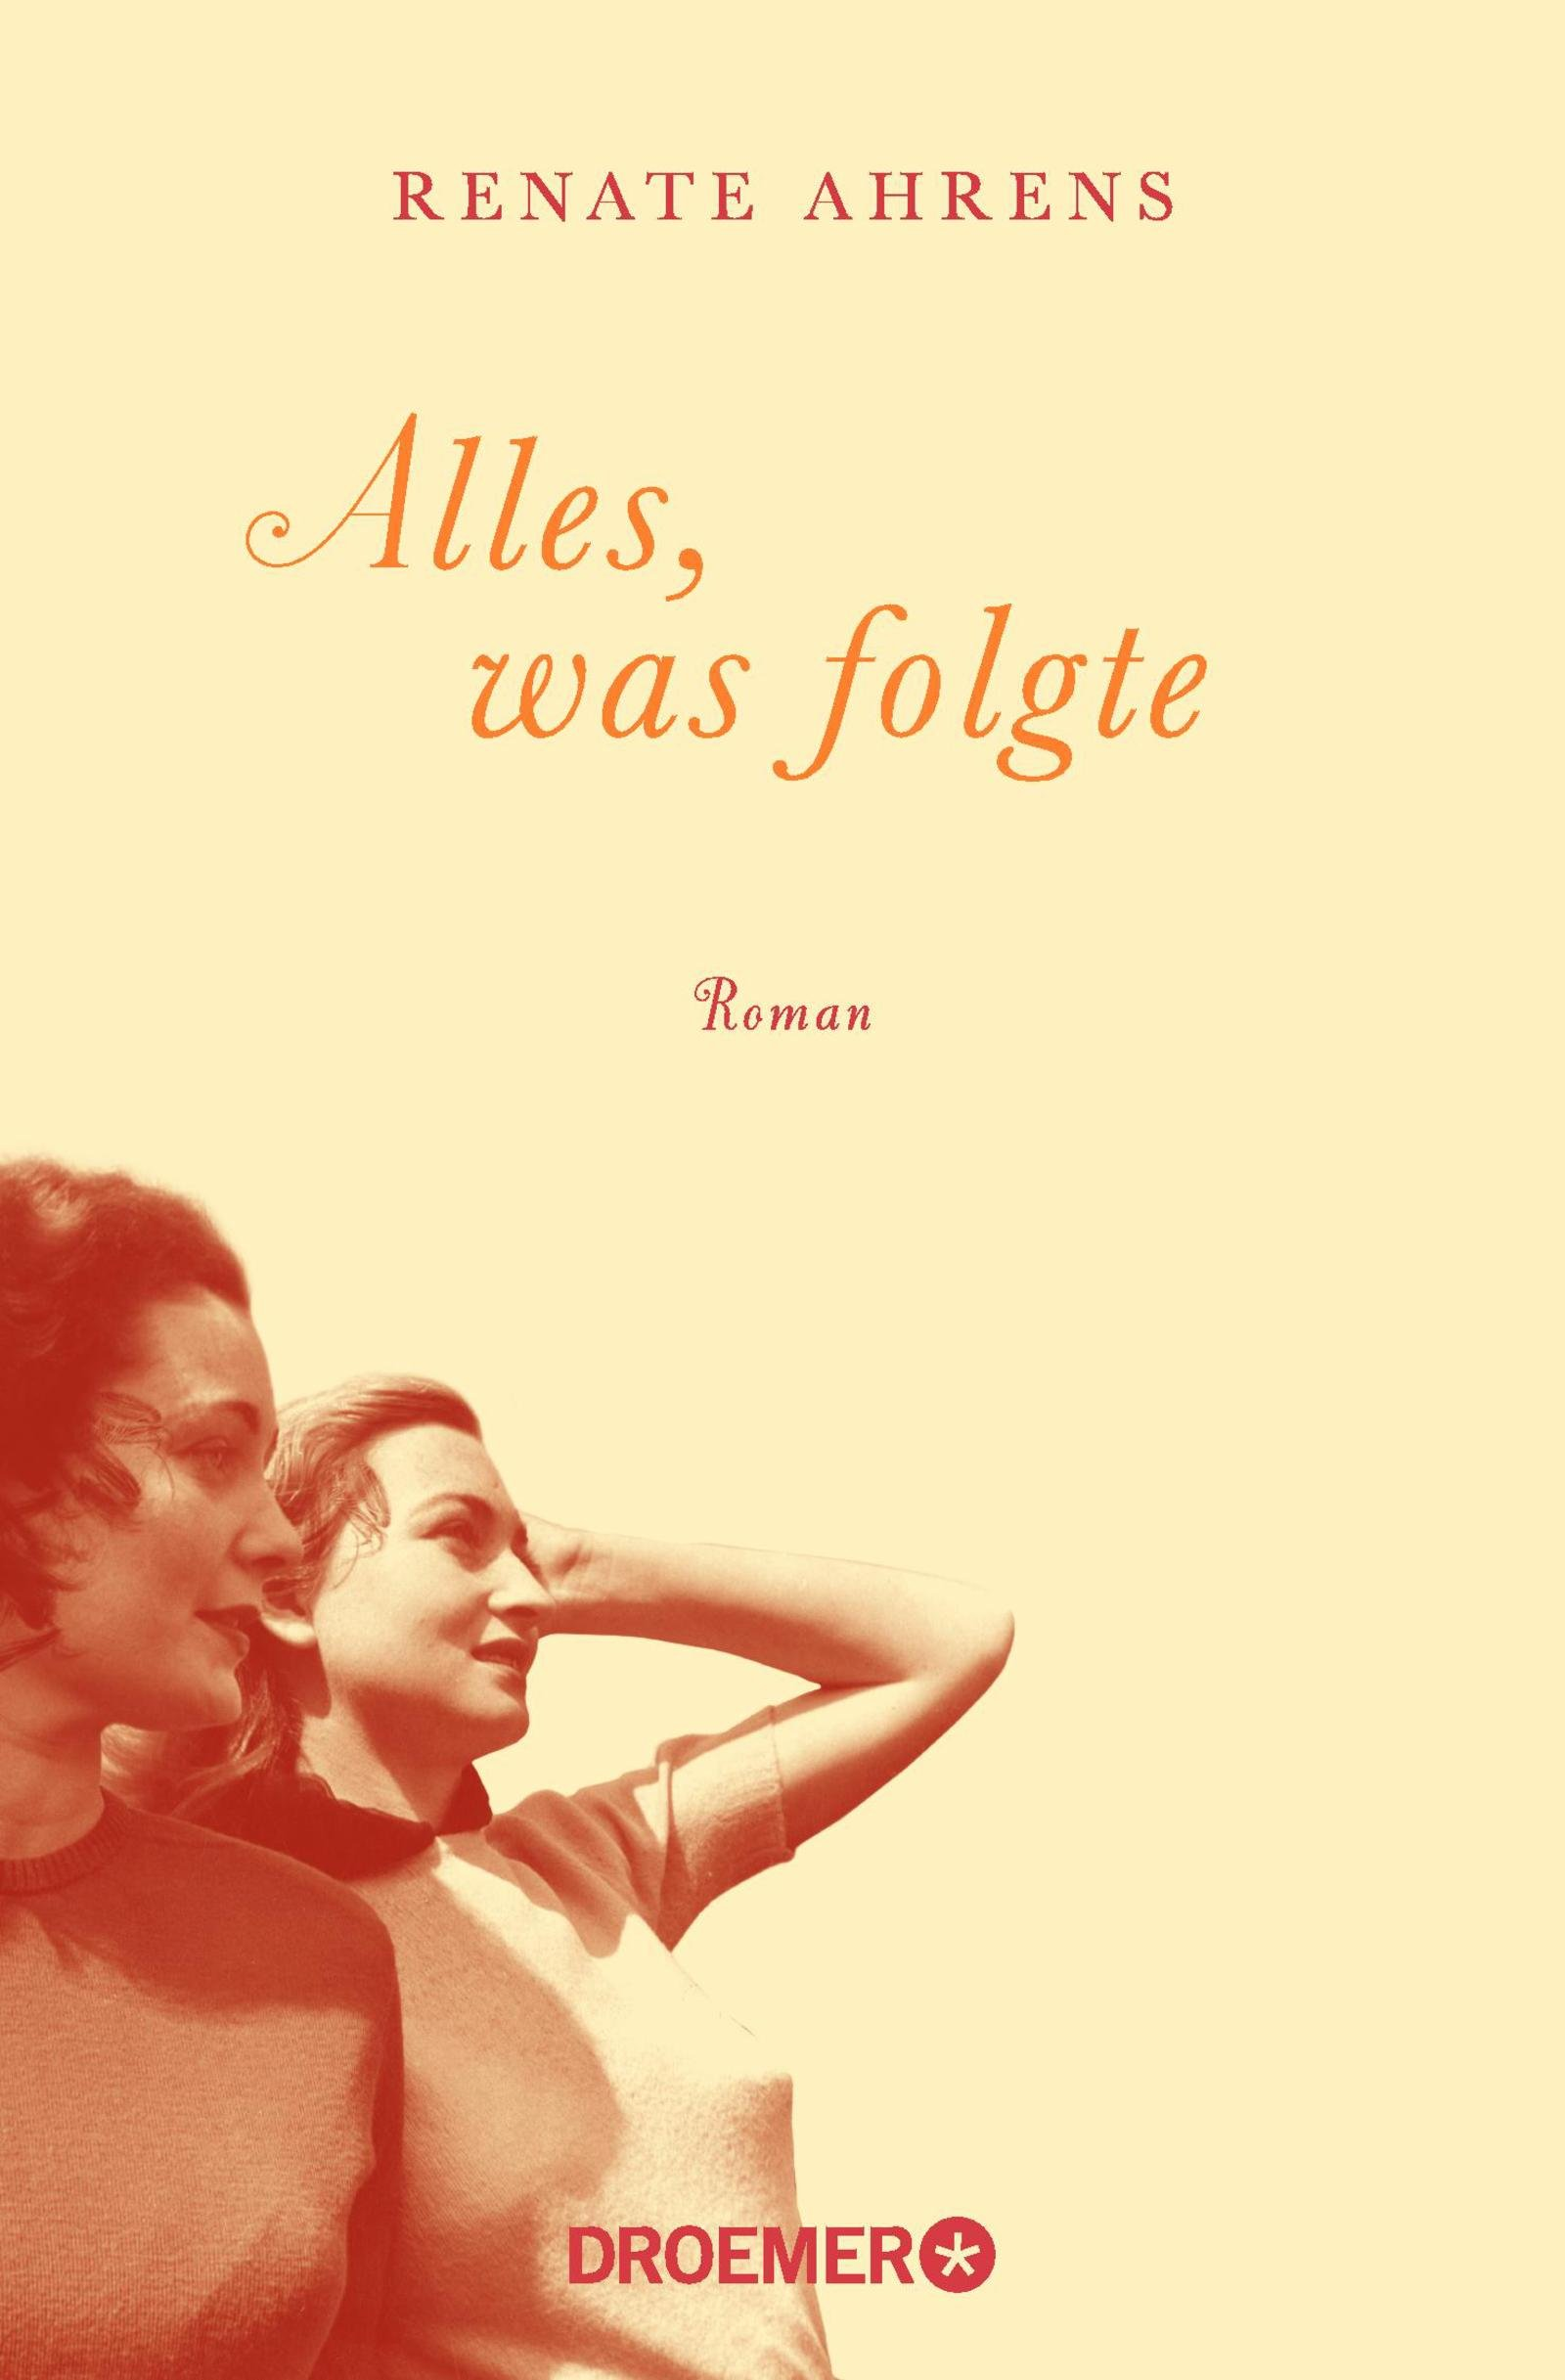 Alles, was folgte: Roman Taschenbuch – 1. Juni 2018 Renate Ahrens Droemer TB 3426305771 Deutschland